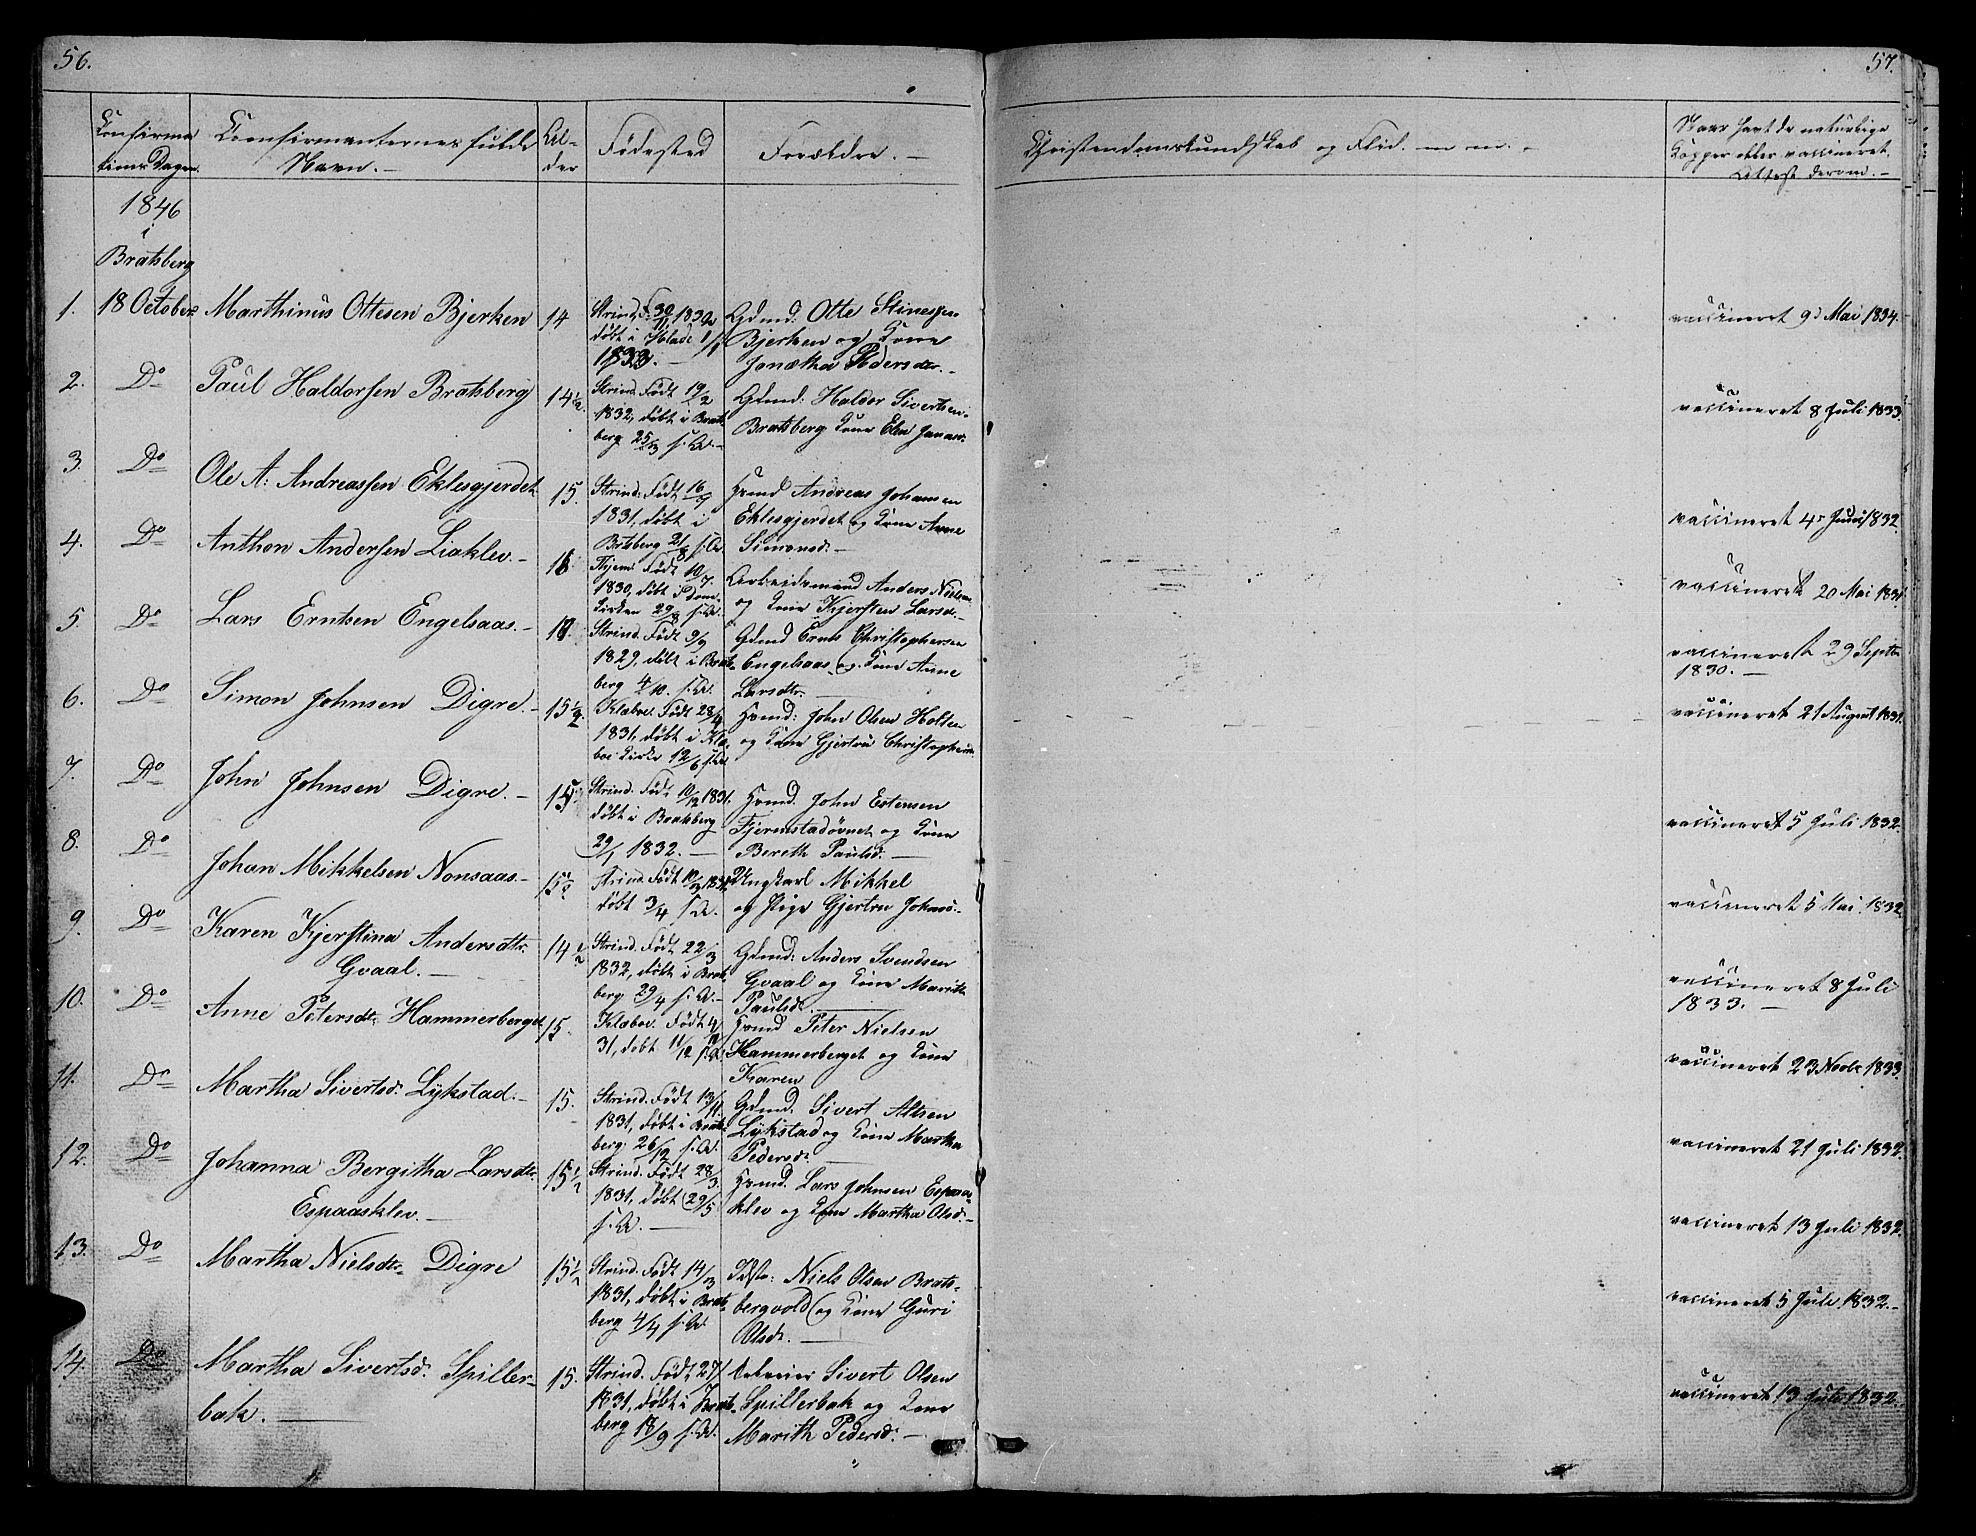 SAT, Ministerialprotokoller, klokkerbøker og fødselsregistre - Sør-Trøndelag, 608/L0339: Klokkerbok nr. 608C05, 1844-1863, s. 56-57